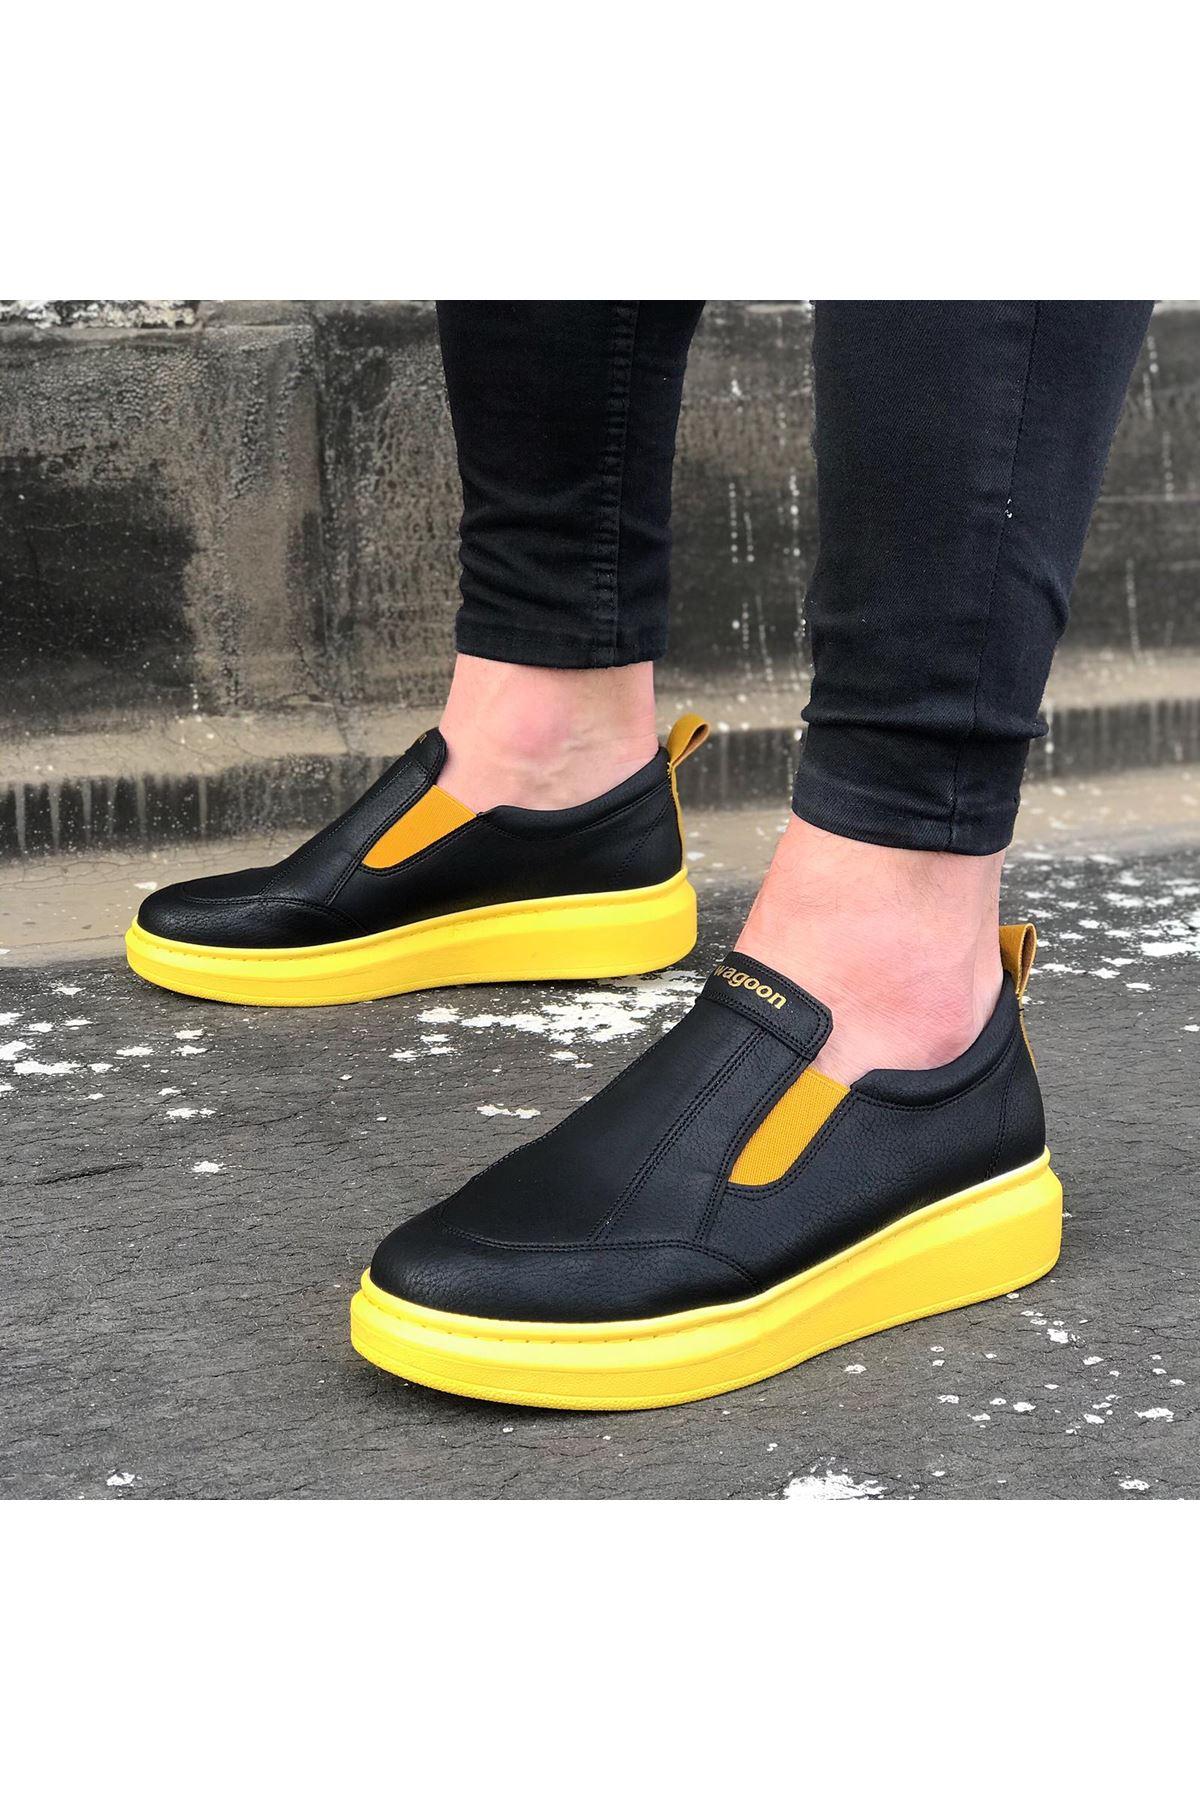 Wagoon WG049 Siyah Sarı Yüksek Taban Casual Erkek Ayakkabı